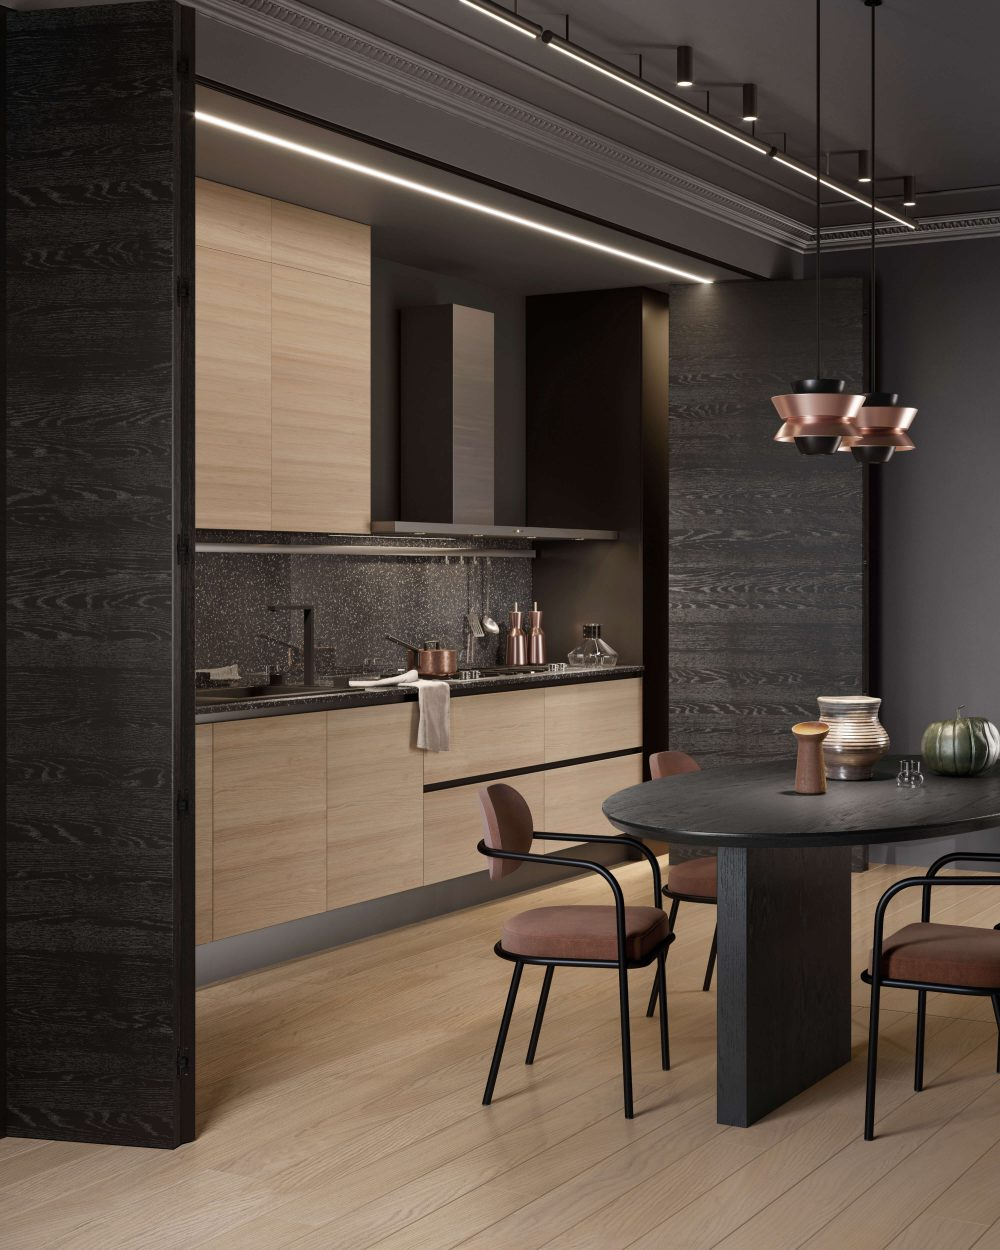 Parete divisoria in legno con apertura a fisarmonica Garofoli per cucina - Garofoli